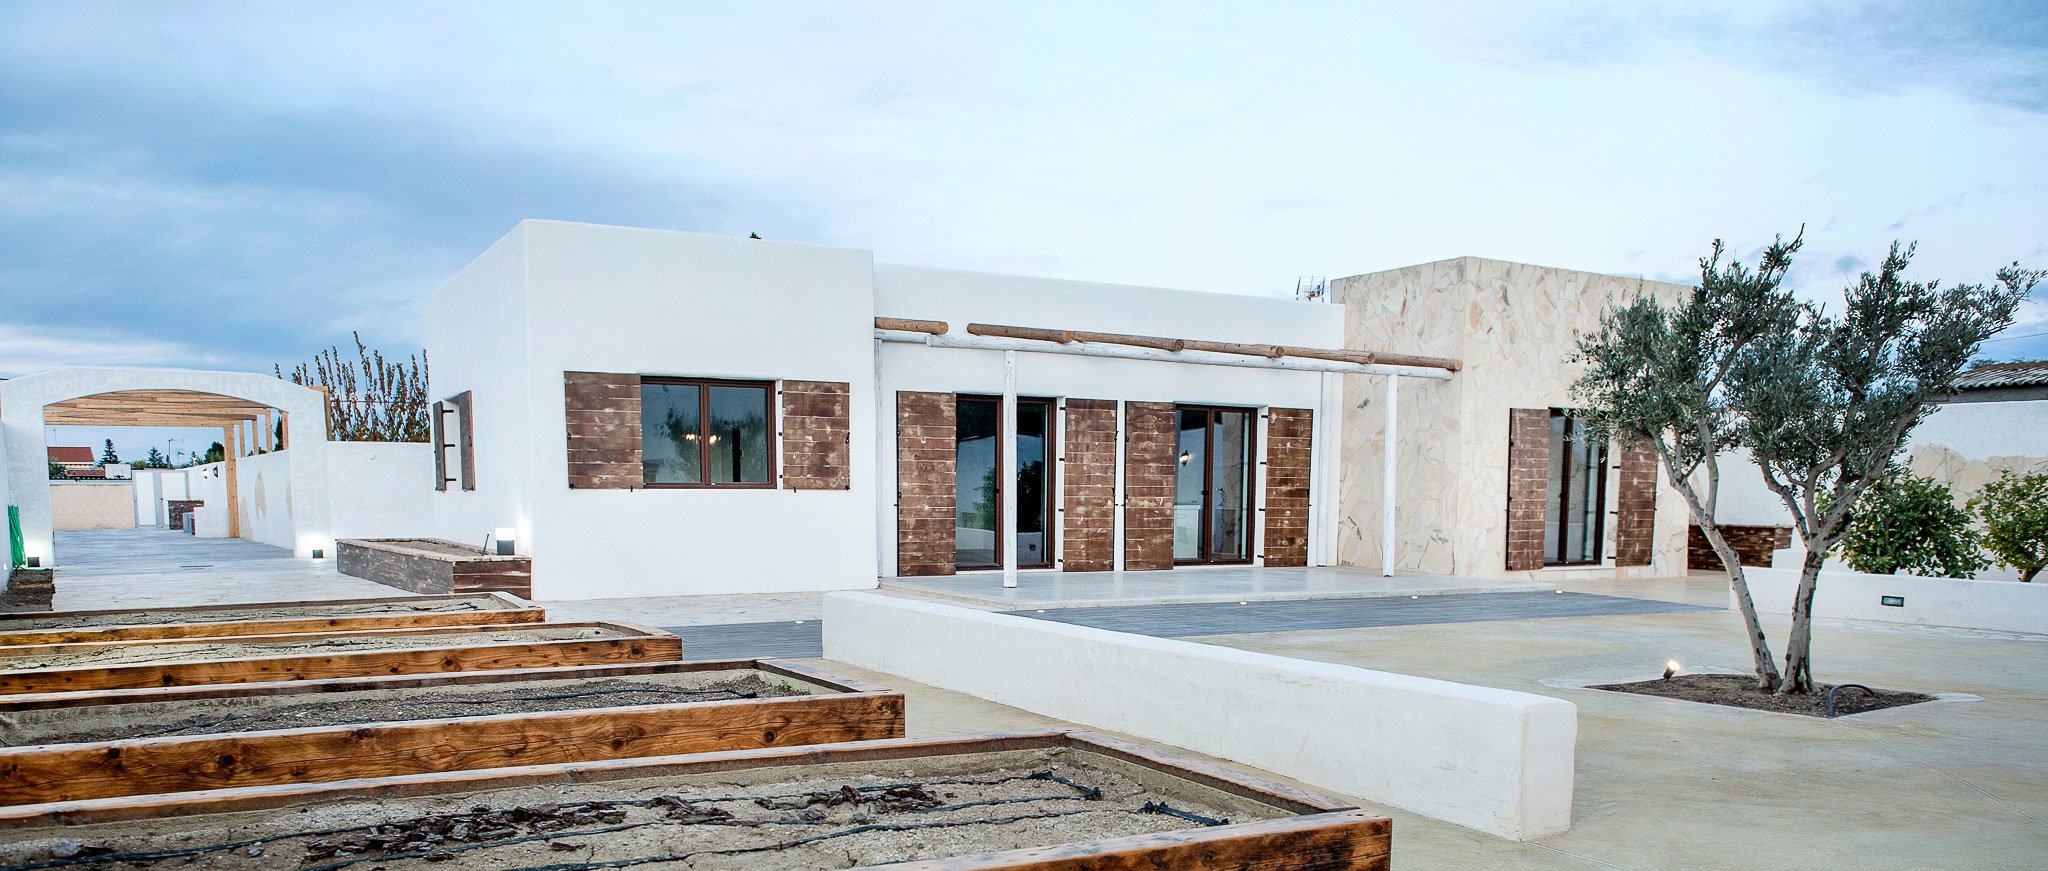 Primera vivienda unifamiliar Passivhaus de Zaragoza